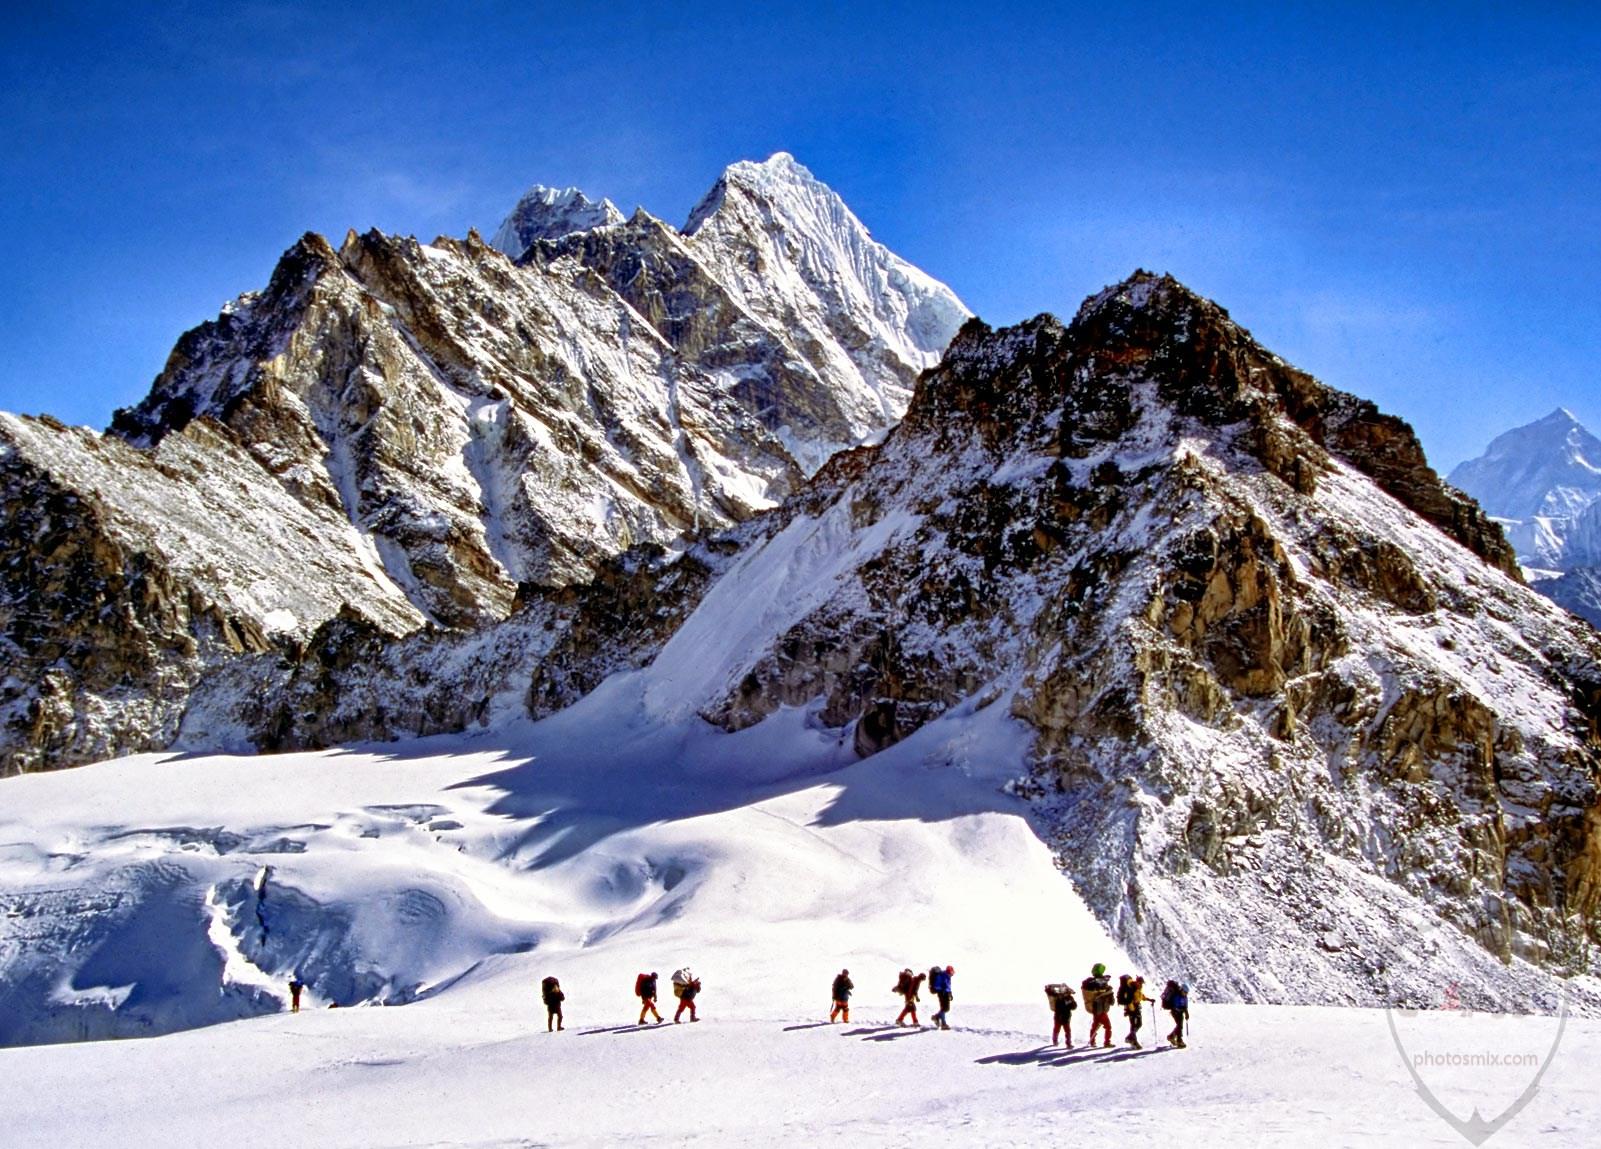 صور جبال خلفيات جبال بجودة HD احلي صور الجبال 6